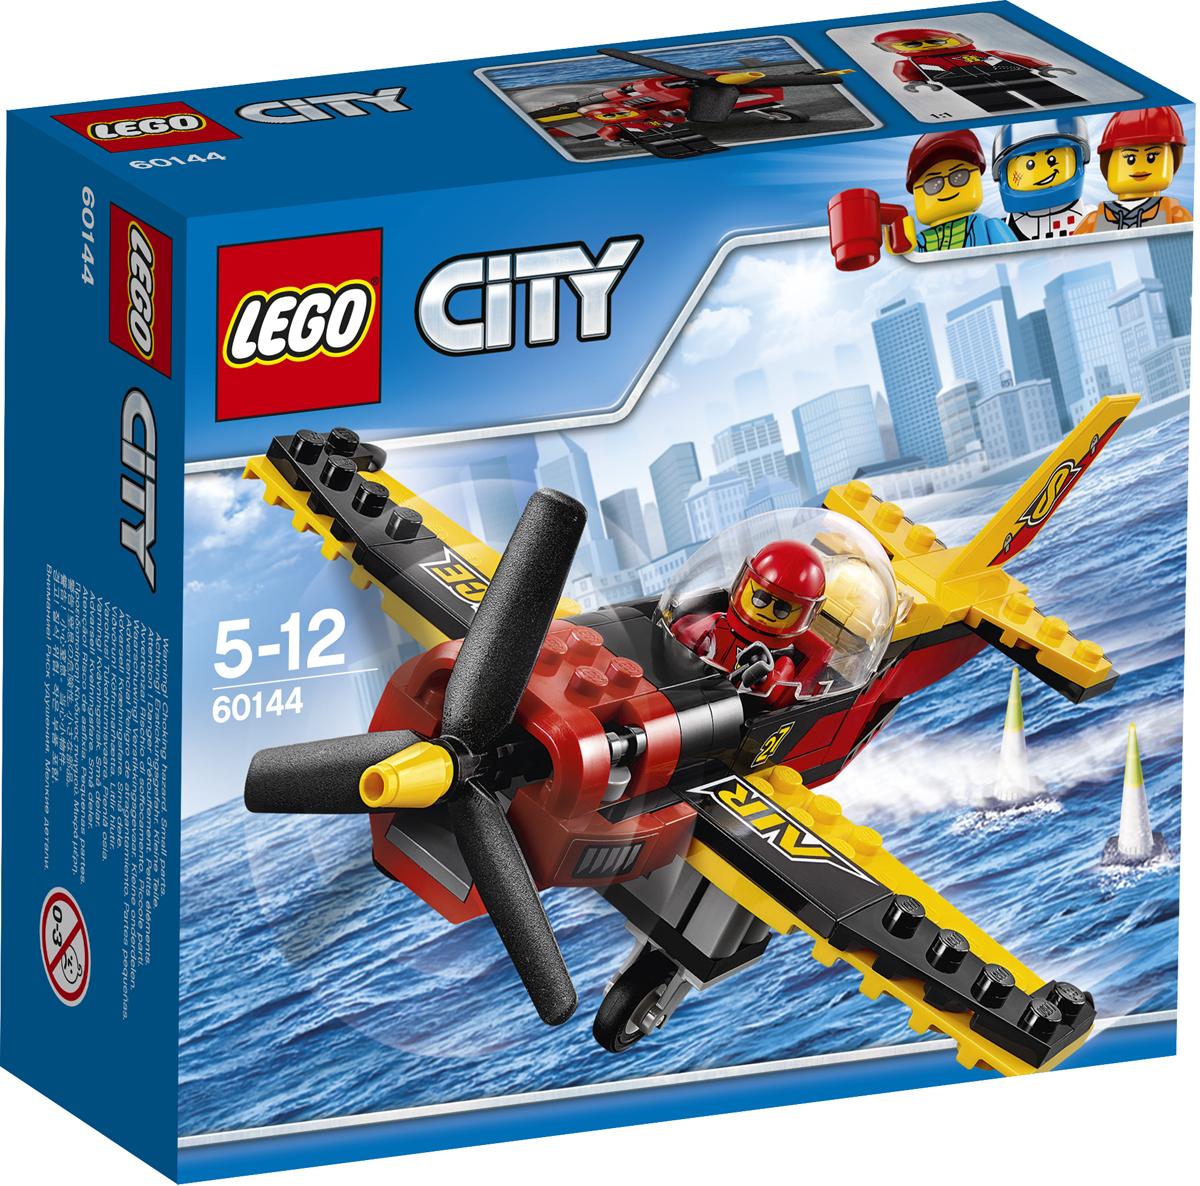 LEGO City Конструктор Гоночный самолет 60144 lego city конструктор внедорожник каскадера 60146